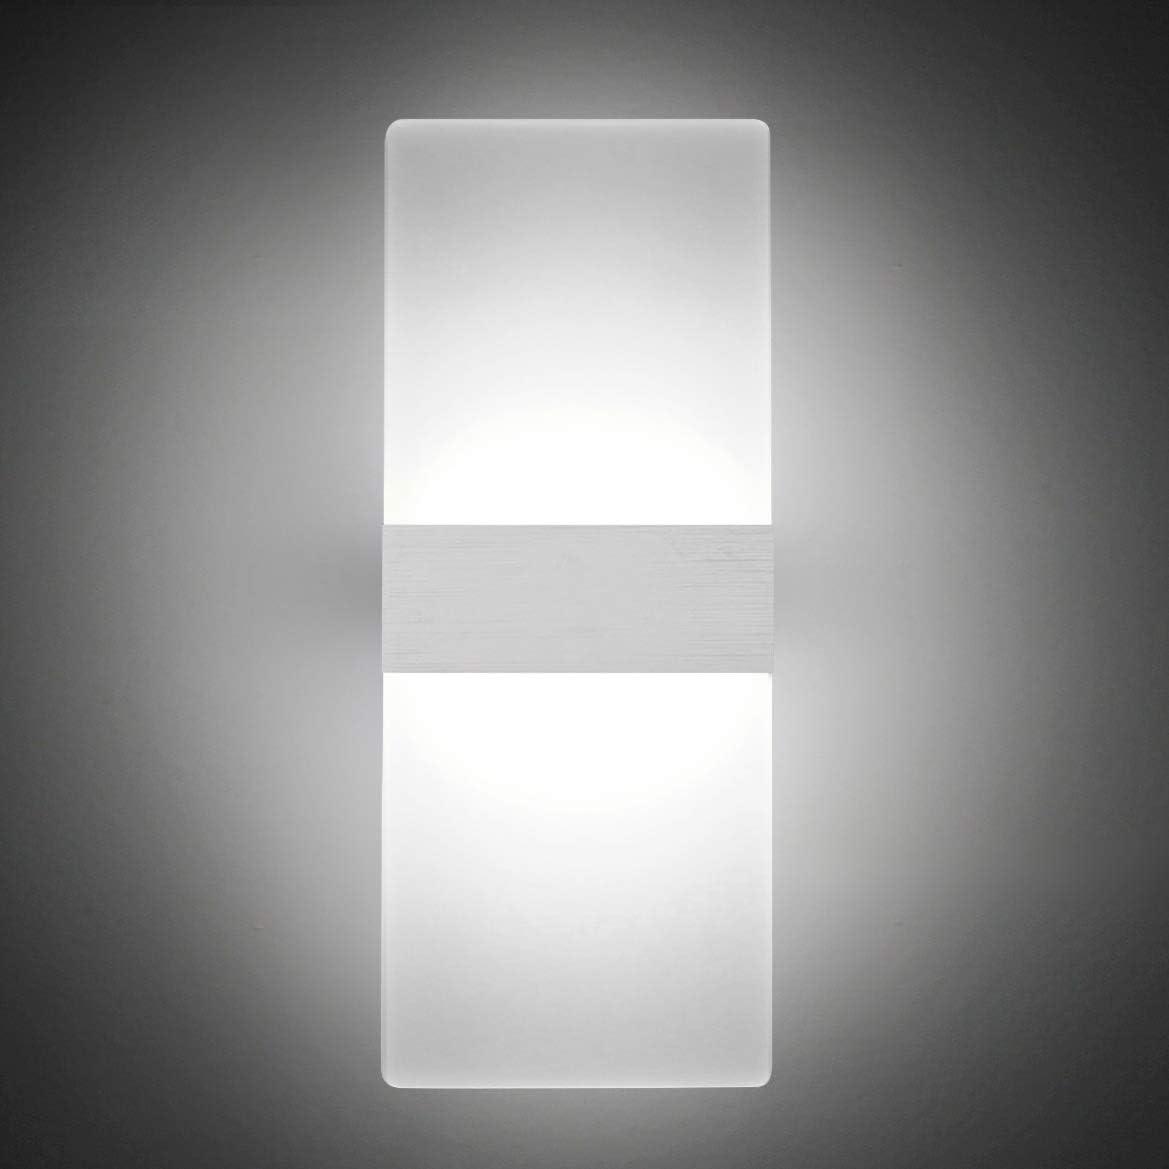 Lámpara de pared Interior 12W Moderna Apliques de Pared Blanco Frio,6000K Moda Agradable Luz de Ambiente perfecto para Lámpara de Decoración